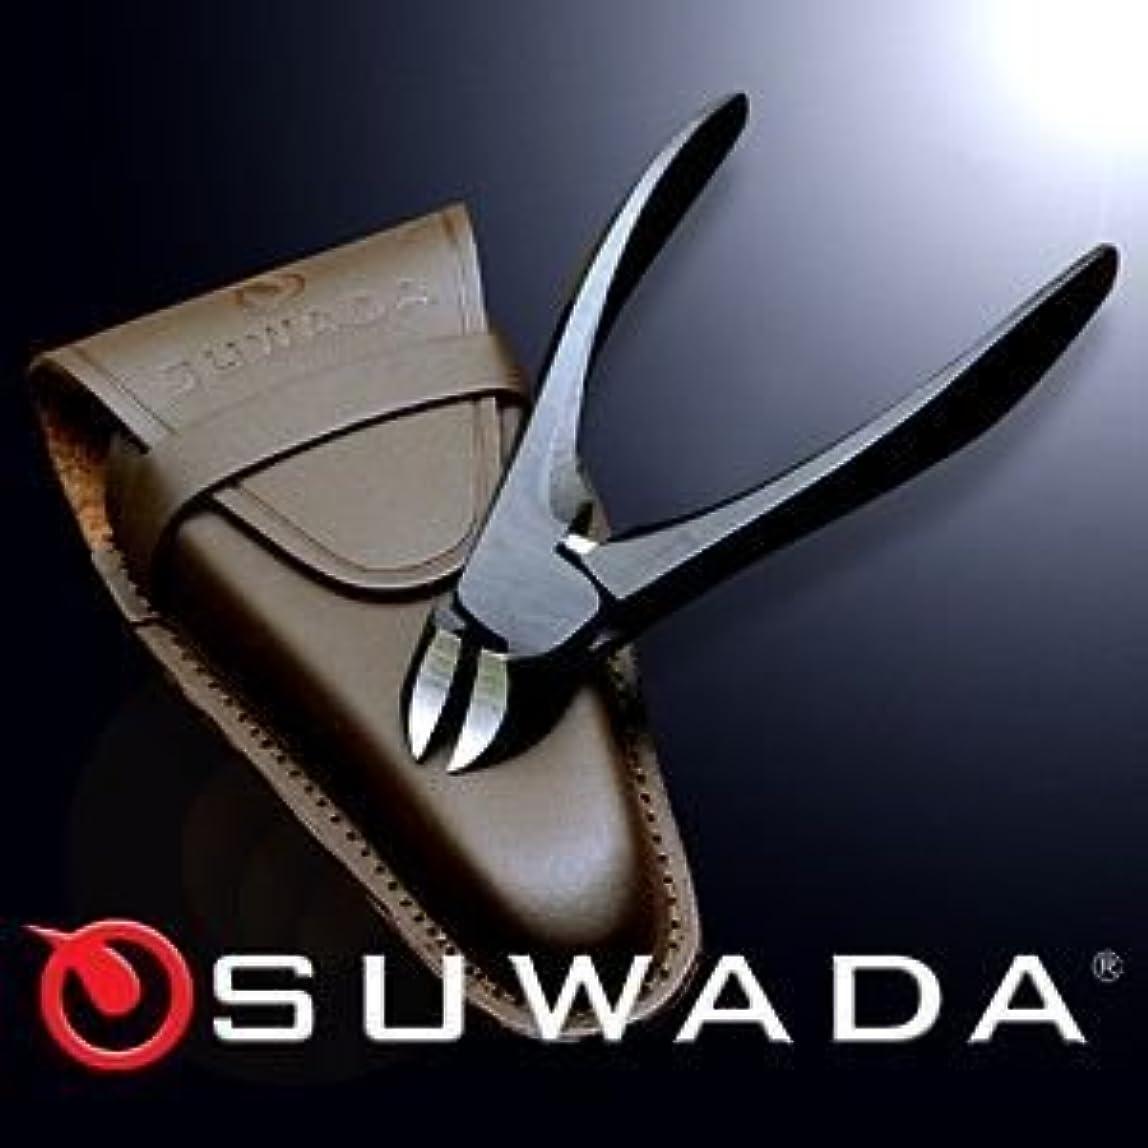 ムスタチオ注目すべき失われたSUWADA爪切りブラックL&革ケースセット 特注モデル 諏訪田製作所製 スワダの爪切り